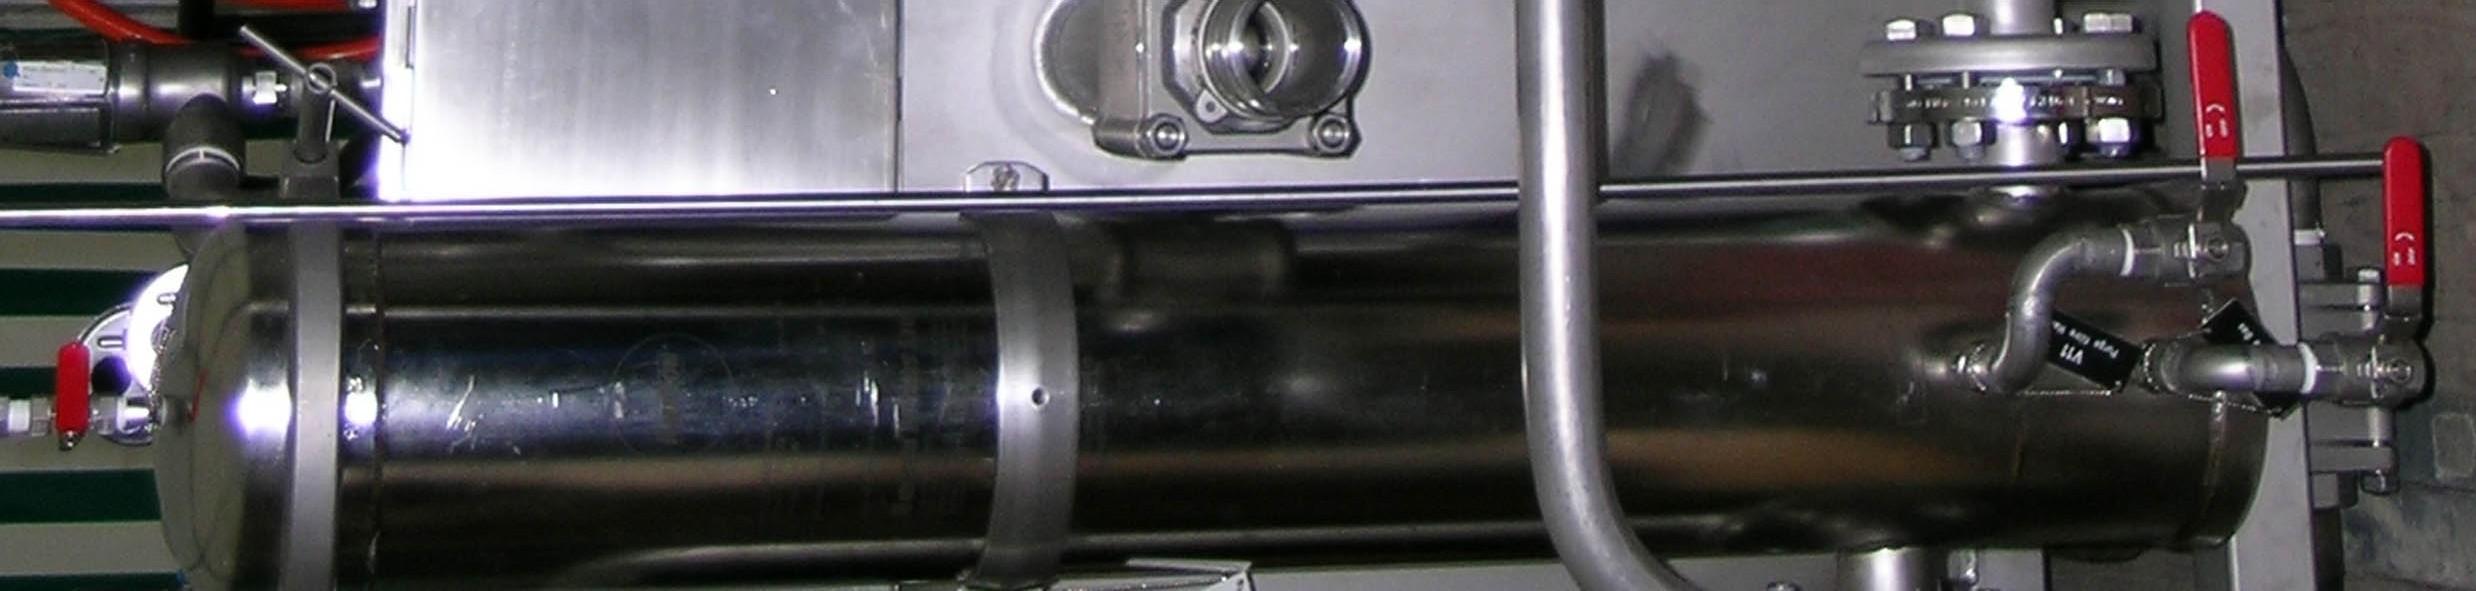 Filtre-1-e1412065436513